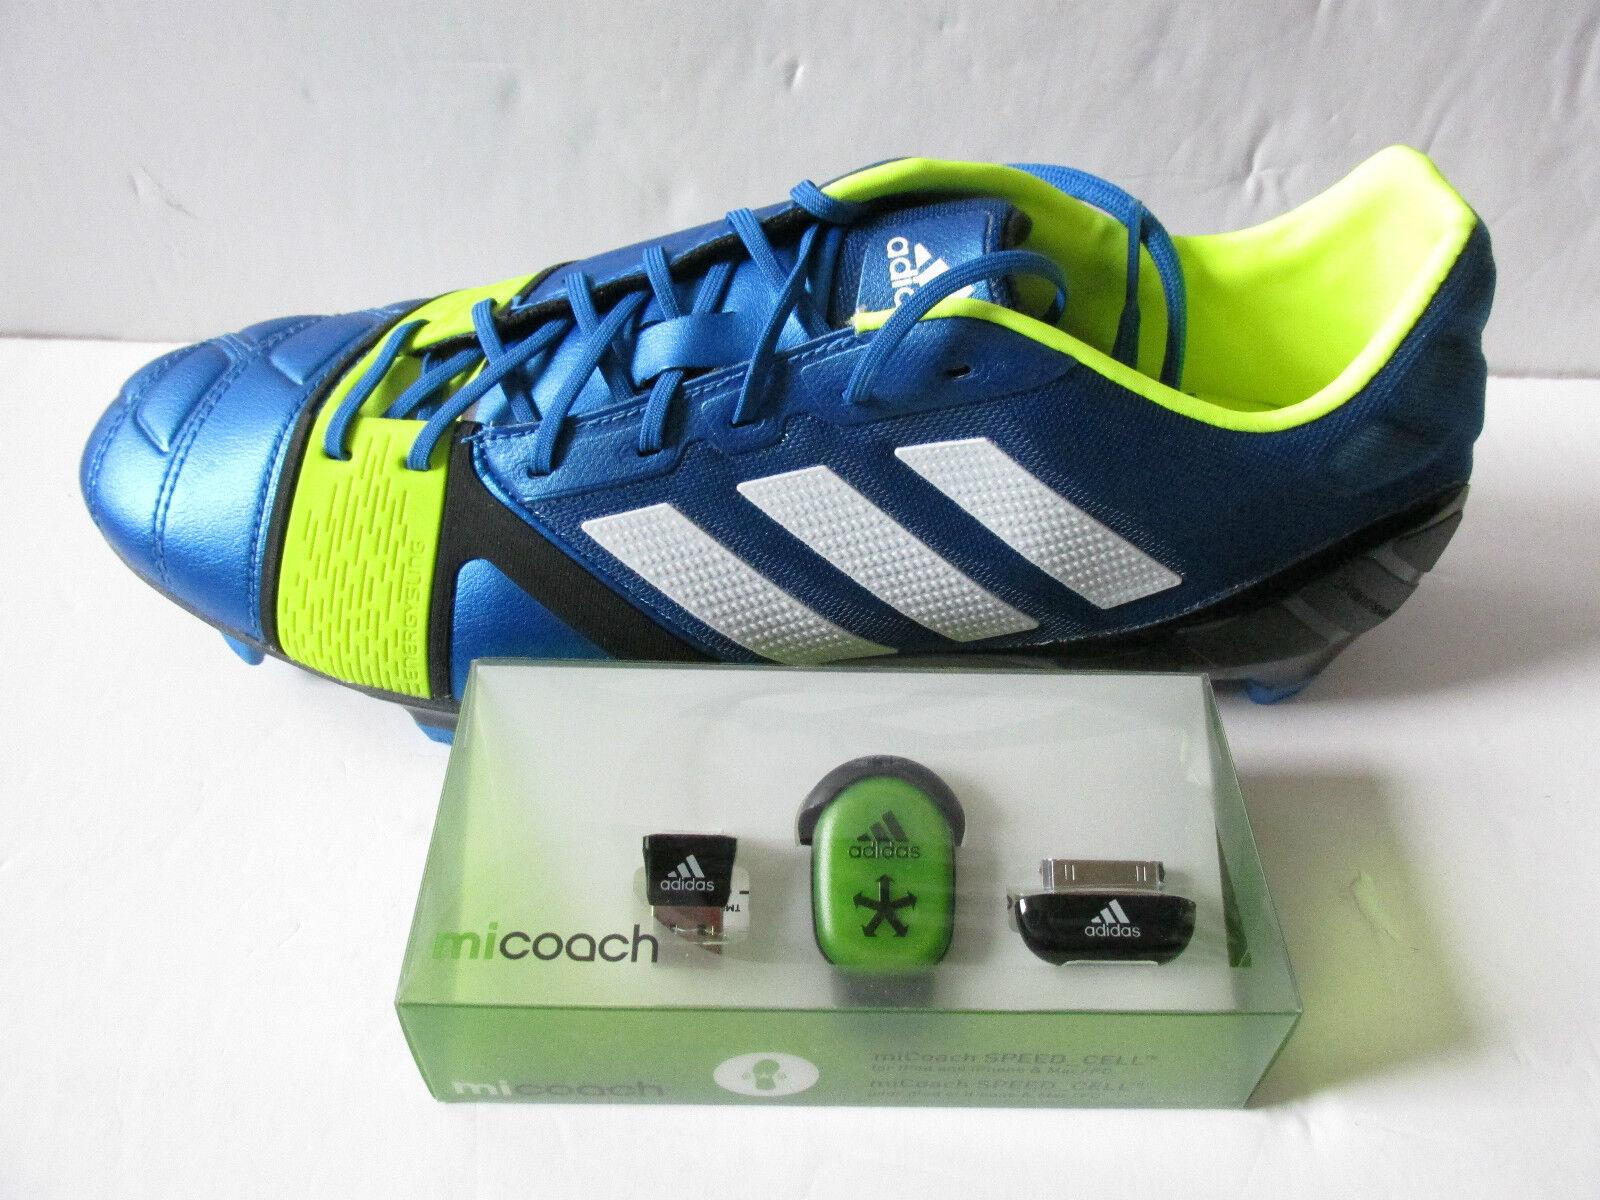 Adidas Nitrocharge 1.0 TRX Fg Mi Allenatore Pacco Scarpe Calcio Uomo L44753